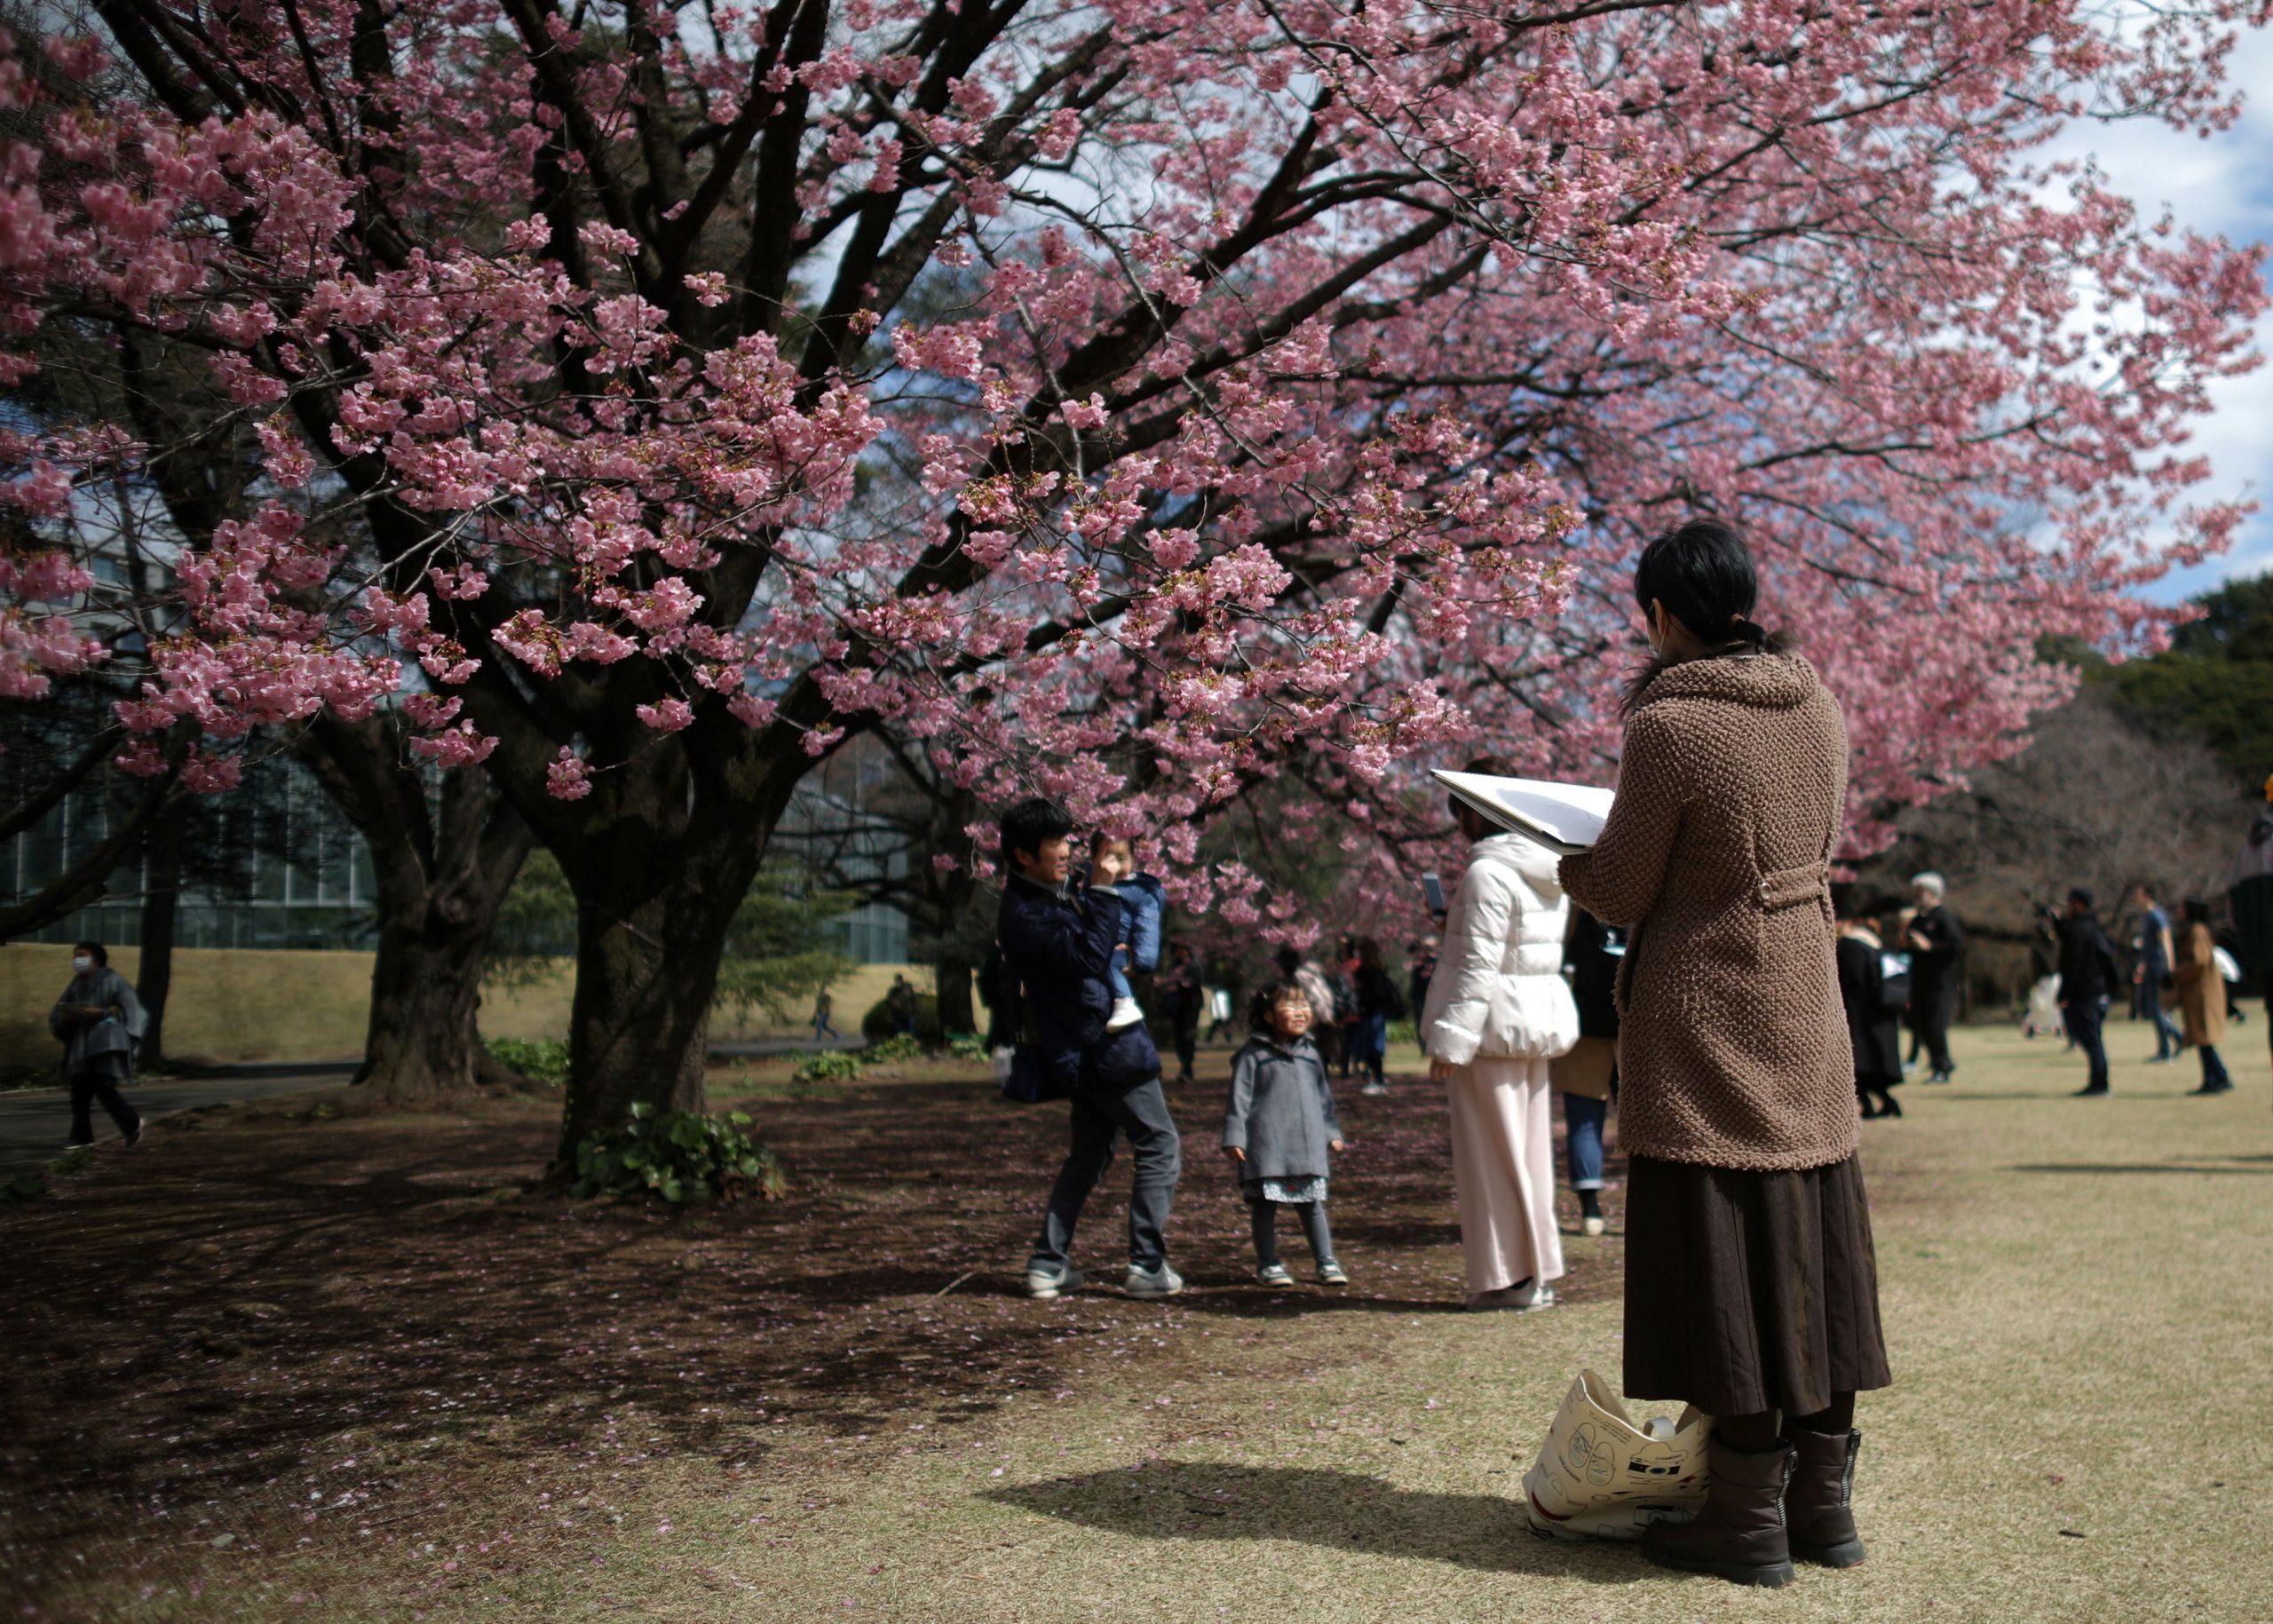 У Токіо рекордно рано почався сезон цвітіння сакури